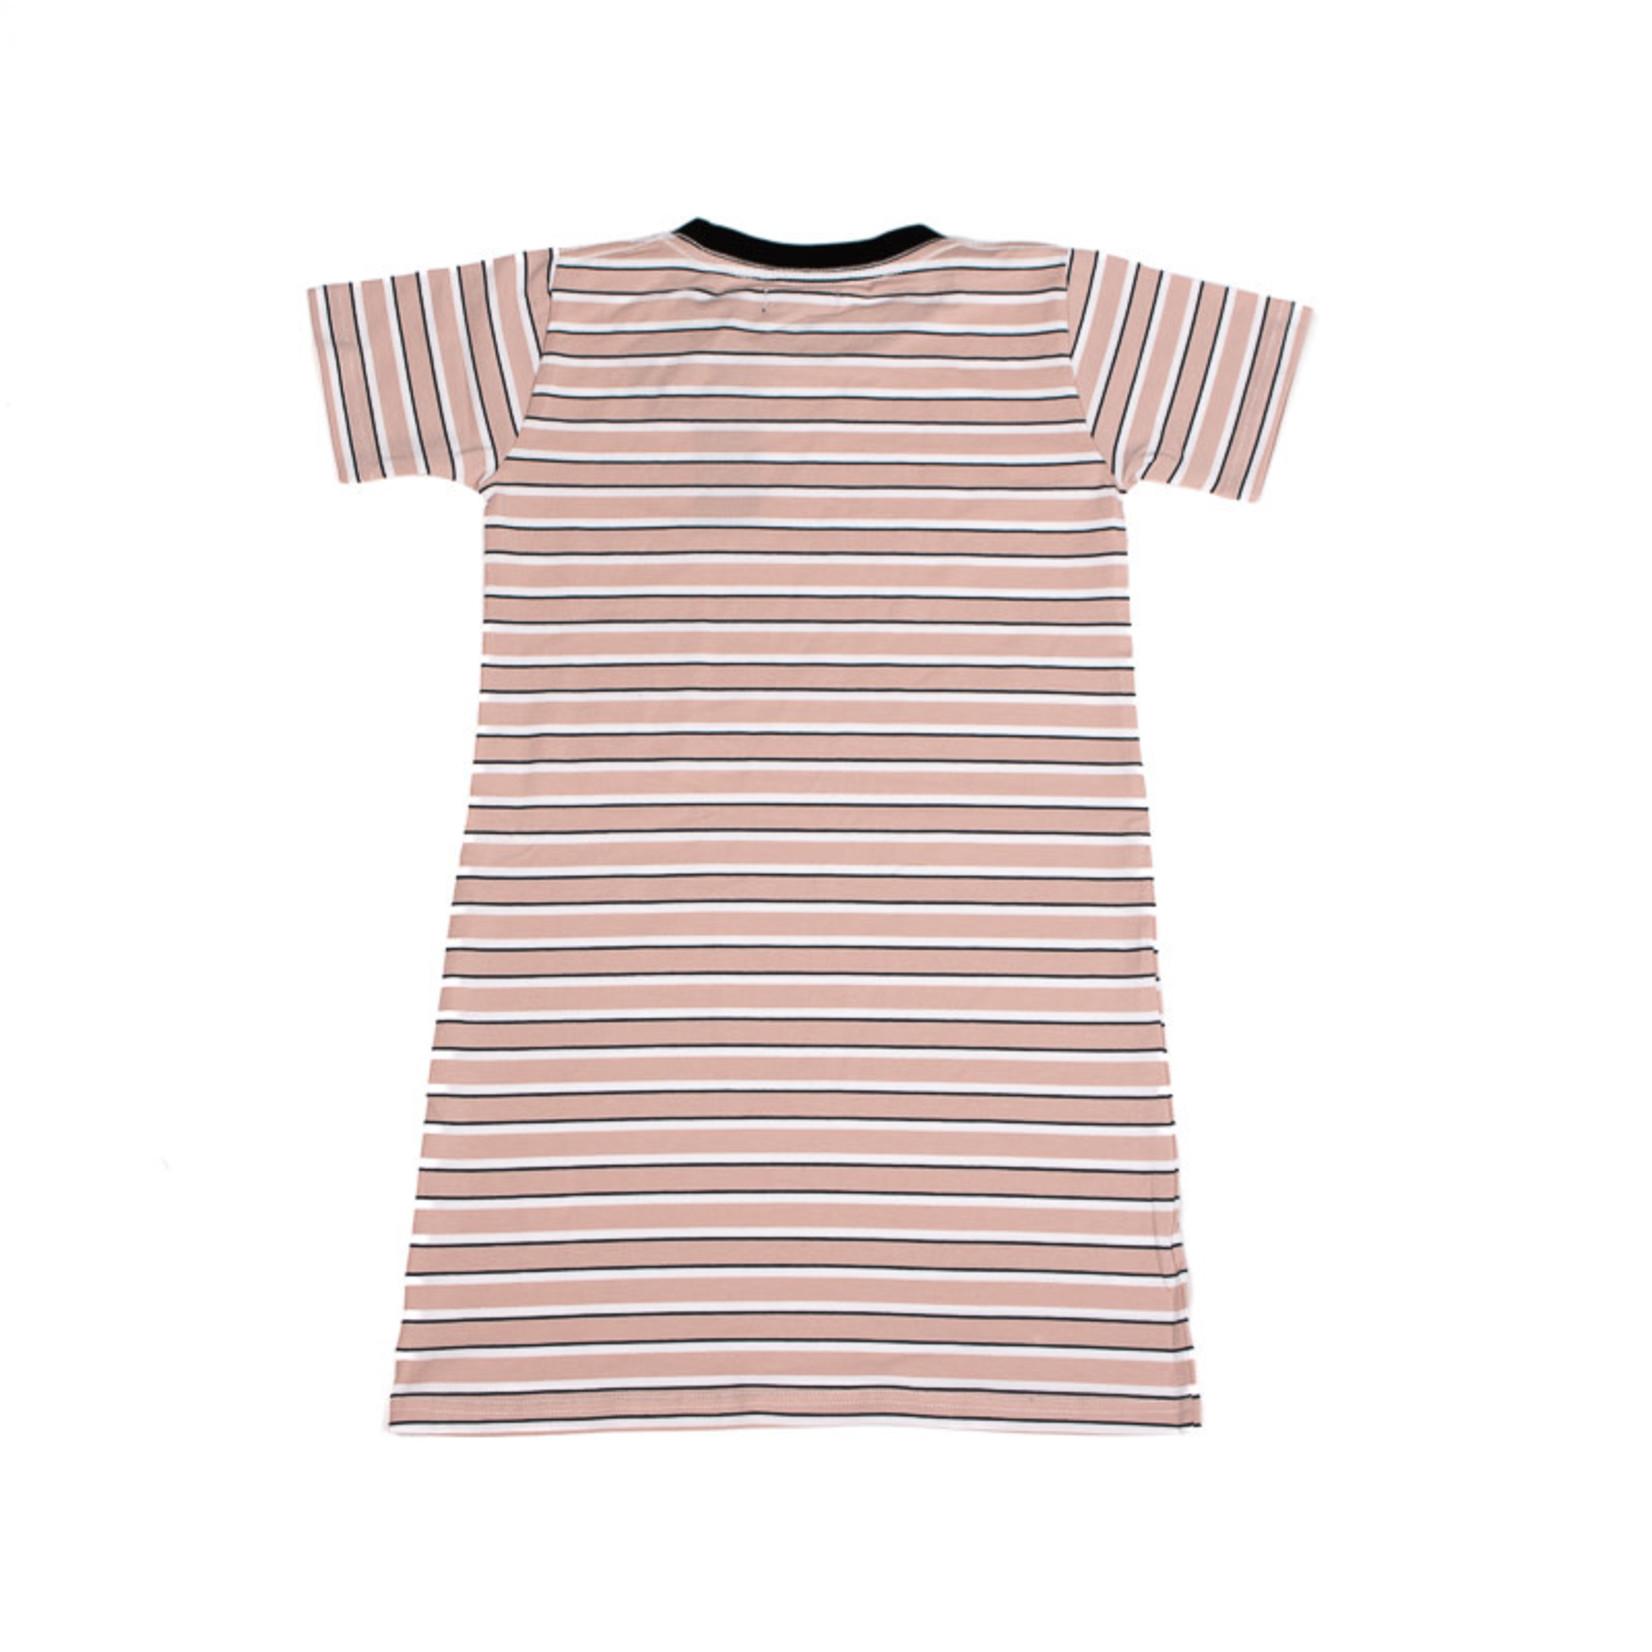 WLKN WLKN : Junior Country Lined Tee Dress